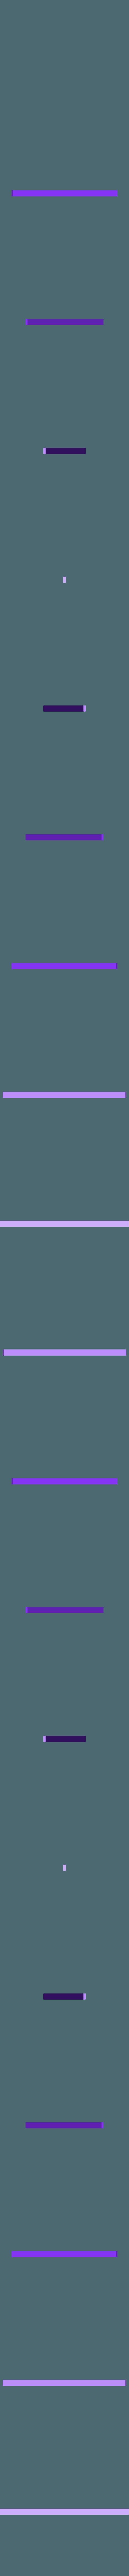 Shaft.stl Télécharger fichier STL gratuit Pince de détente à prise rapide imprimable (fonctionnelle) • Design imprimable en 3D, arron_mollet22